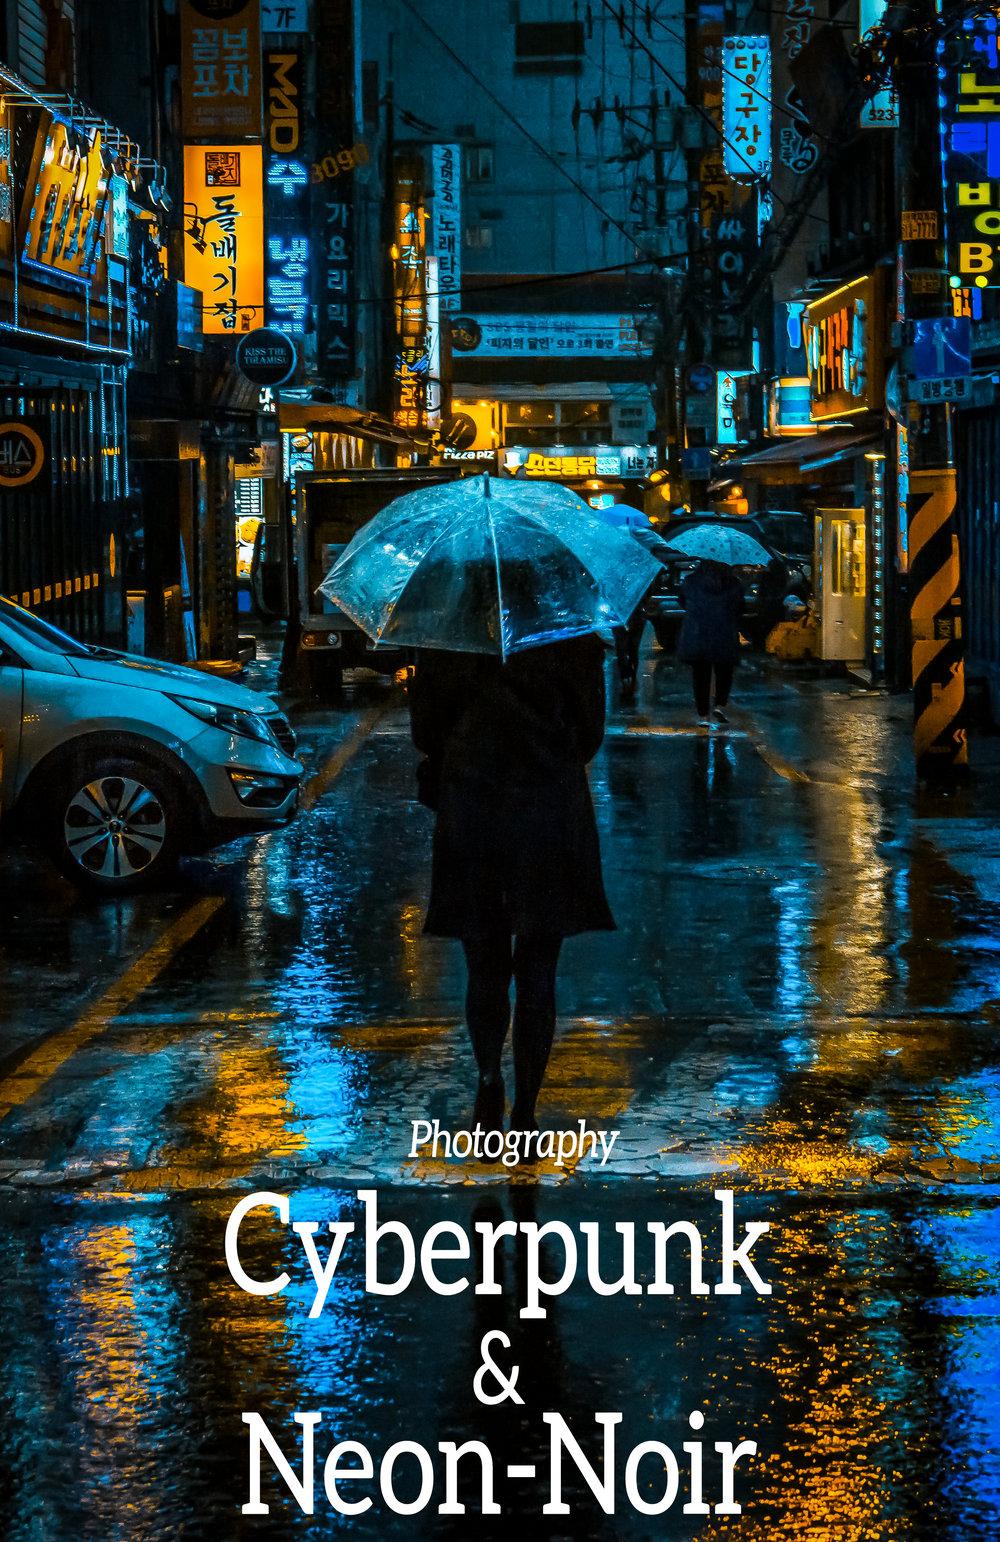 Cyberpunk & Neon-Noir - Seoul, Tokyo, Hong Kong